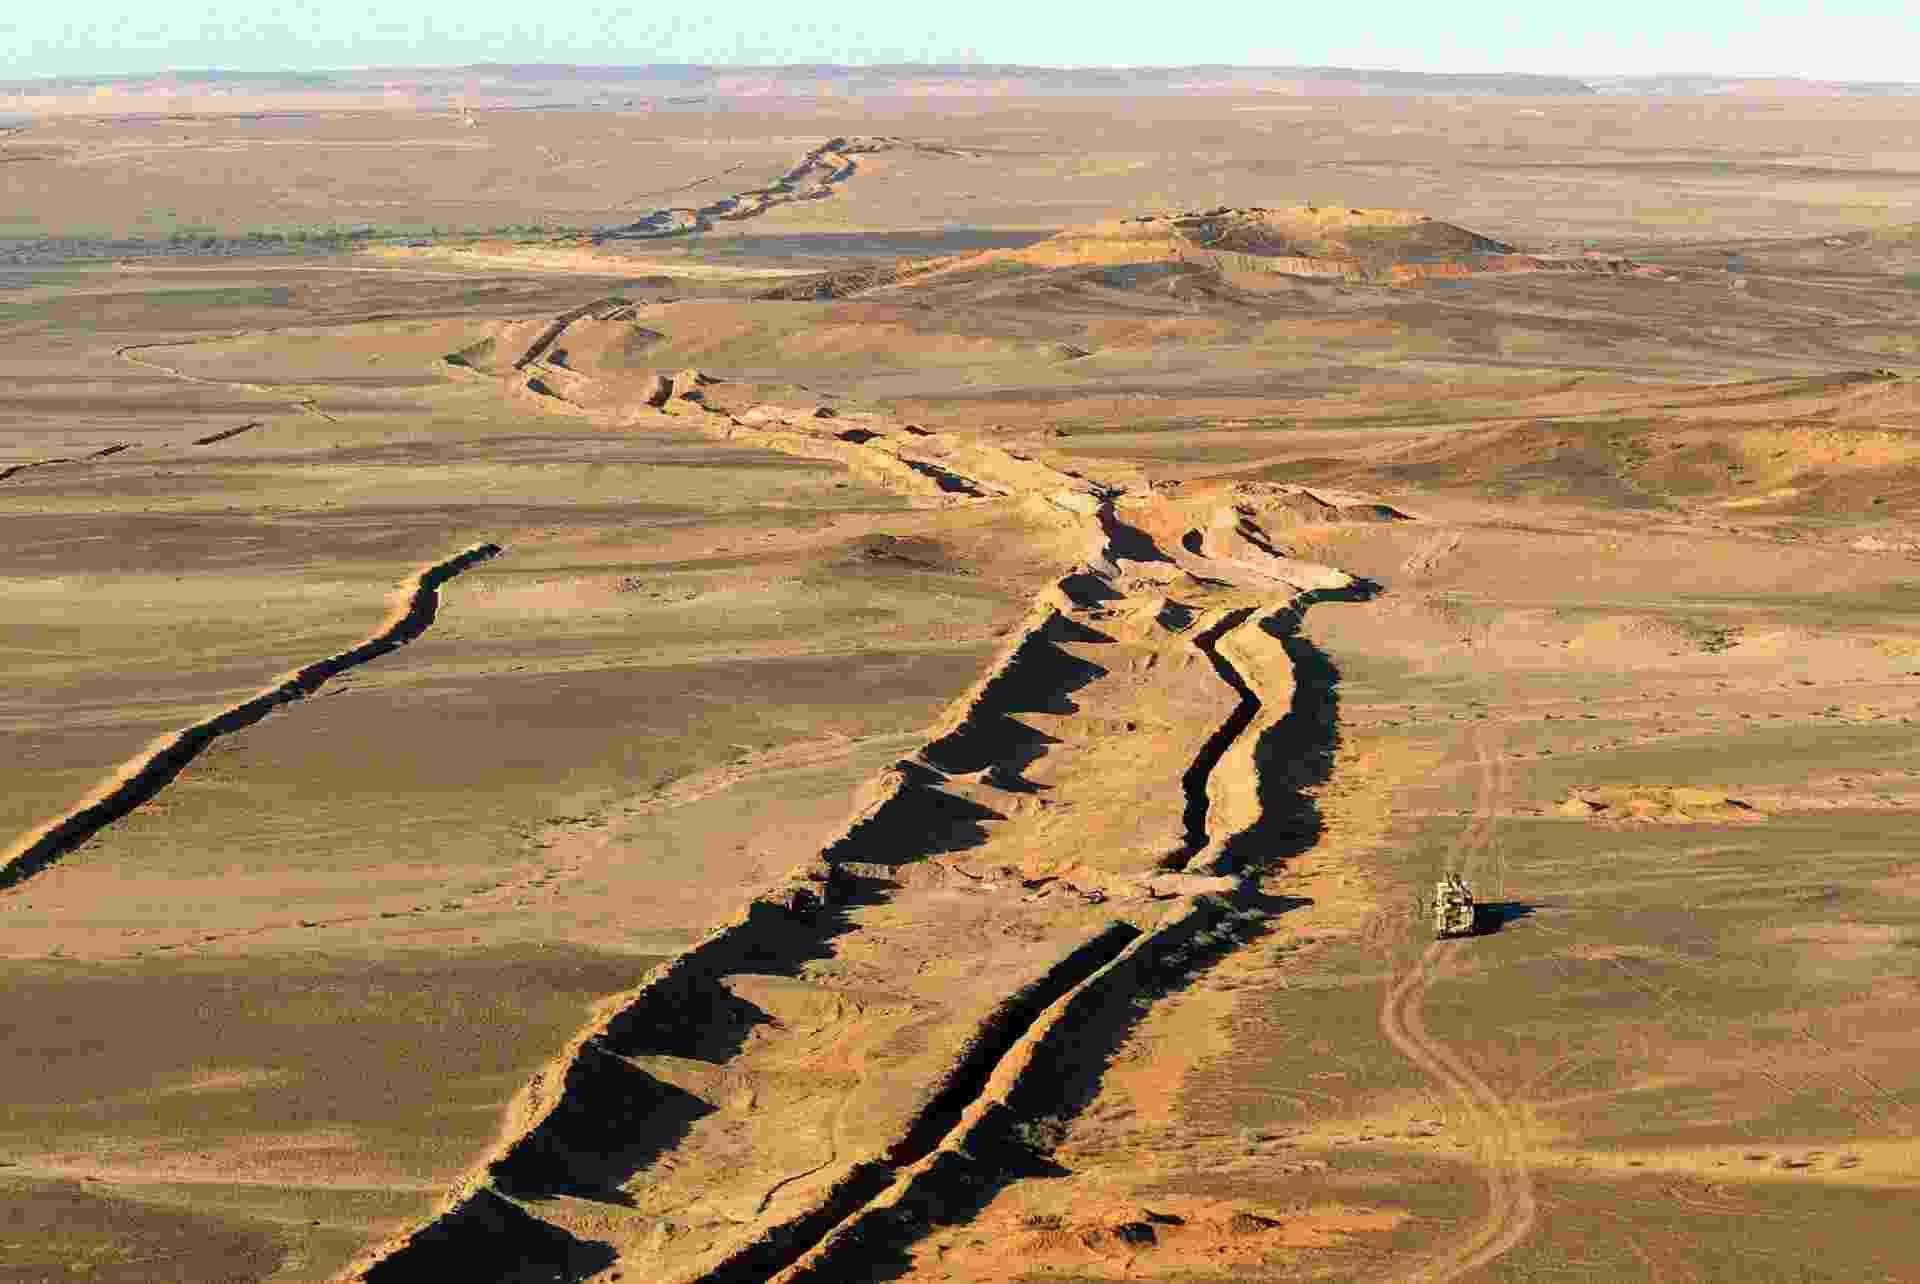 """23.abr.2013 - As secas cíclicas e o alto consumo de carvão de lenha, que dizima as florestas do país, são os principais responsáveis pelo processo """"irrefreável"""" de desertificação da Mauritânia, que fica ao sudoeste do deserto do Saara, na África. De acordo com relatório do Ministério do Meio Ambiente do país, o território perdeu, entre 2005 e 2010, 5.000 hectares de floresta nativa e 10 mil hectares de zonas reflorestadas anualmente - Patrick Hertzog/AFP"""